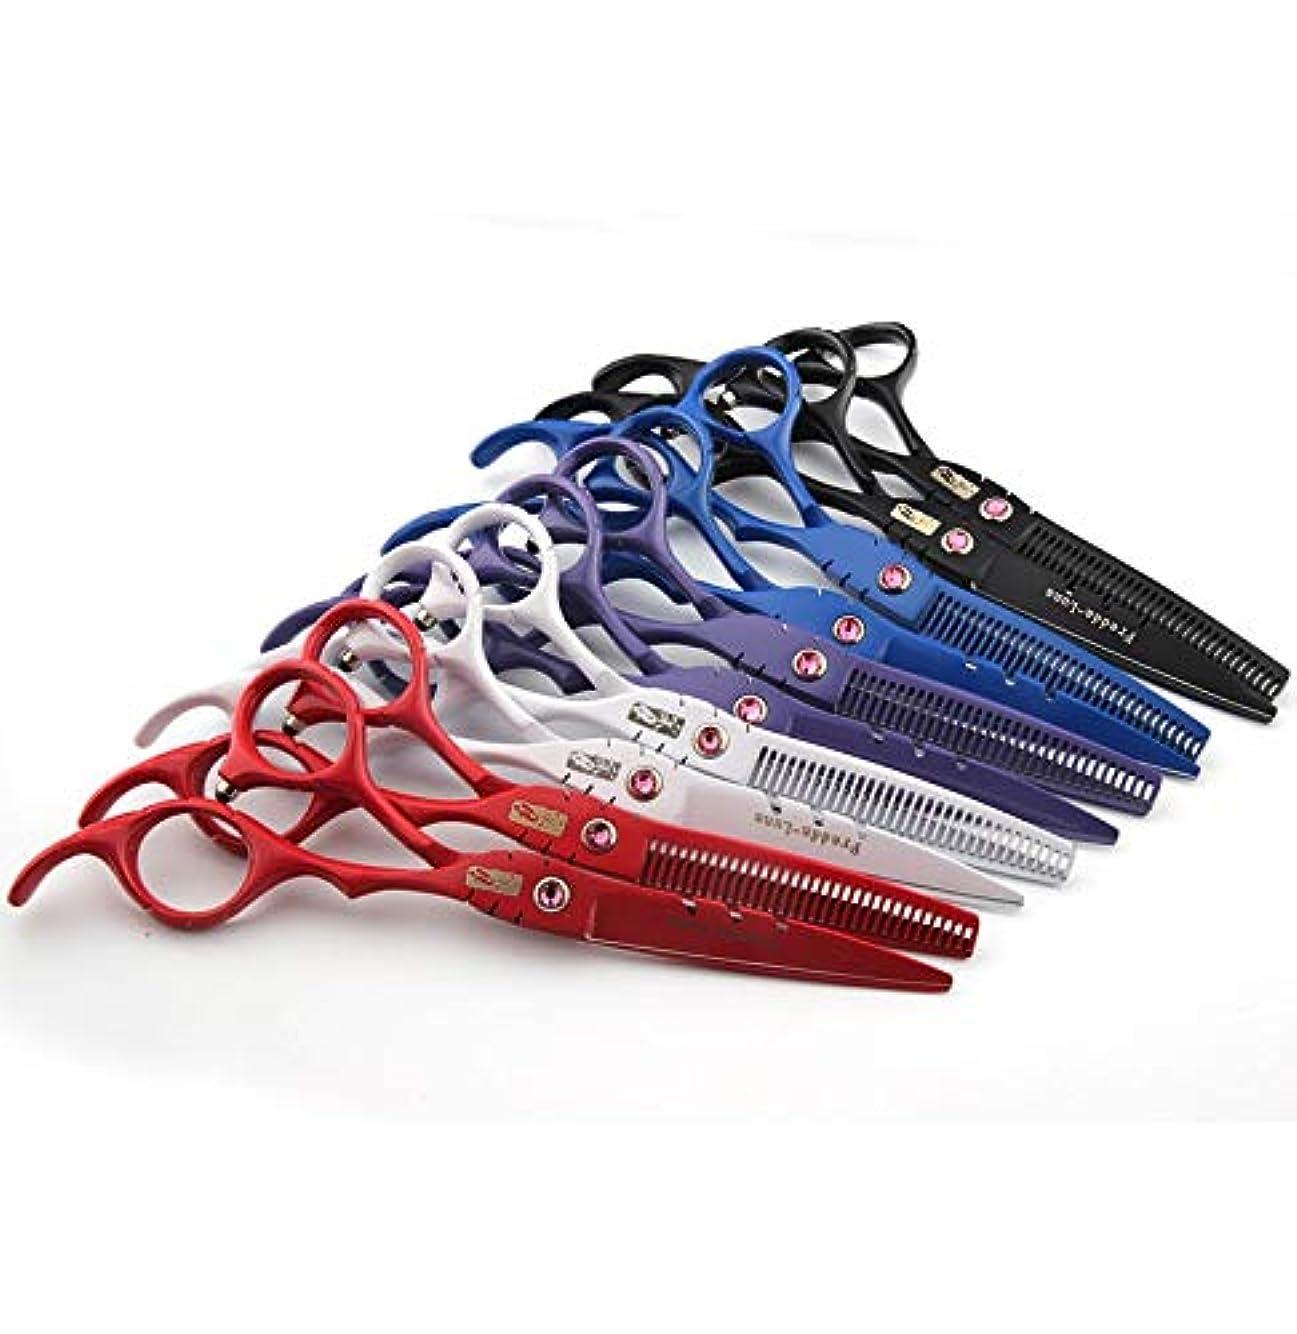 足音マトン脅迫シザー カットシザー プロの理髪師用はさみ、ヘアカットはさみ、間伐用はさみキット(2本) ヘアカット シザー (Color : White)